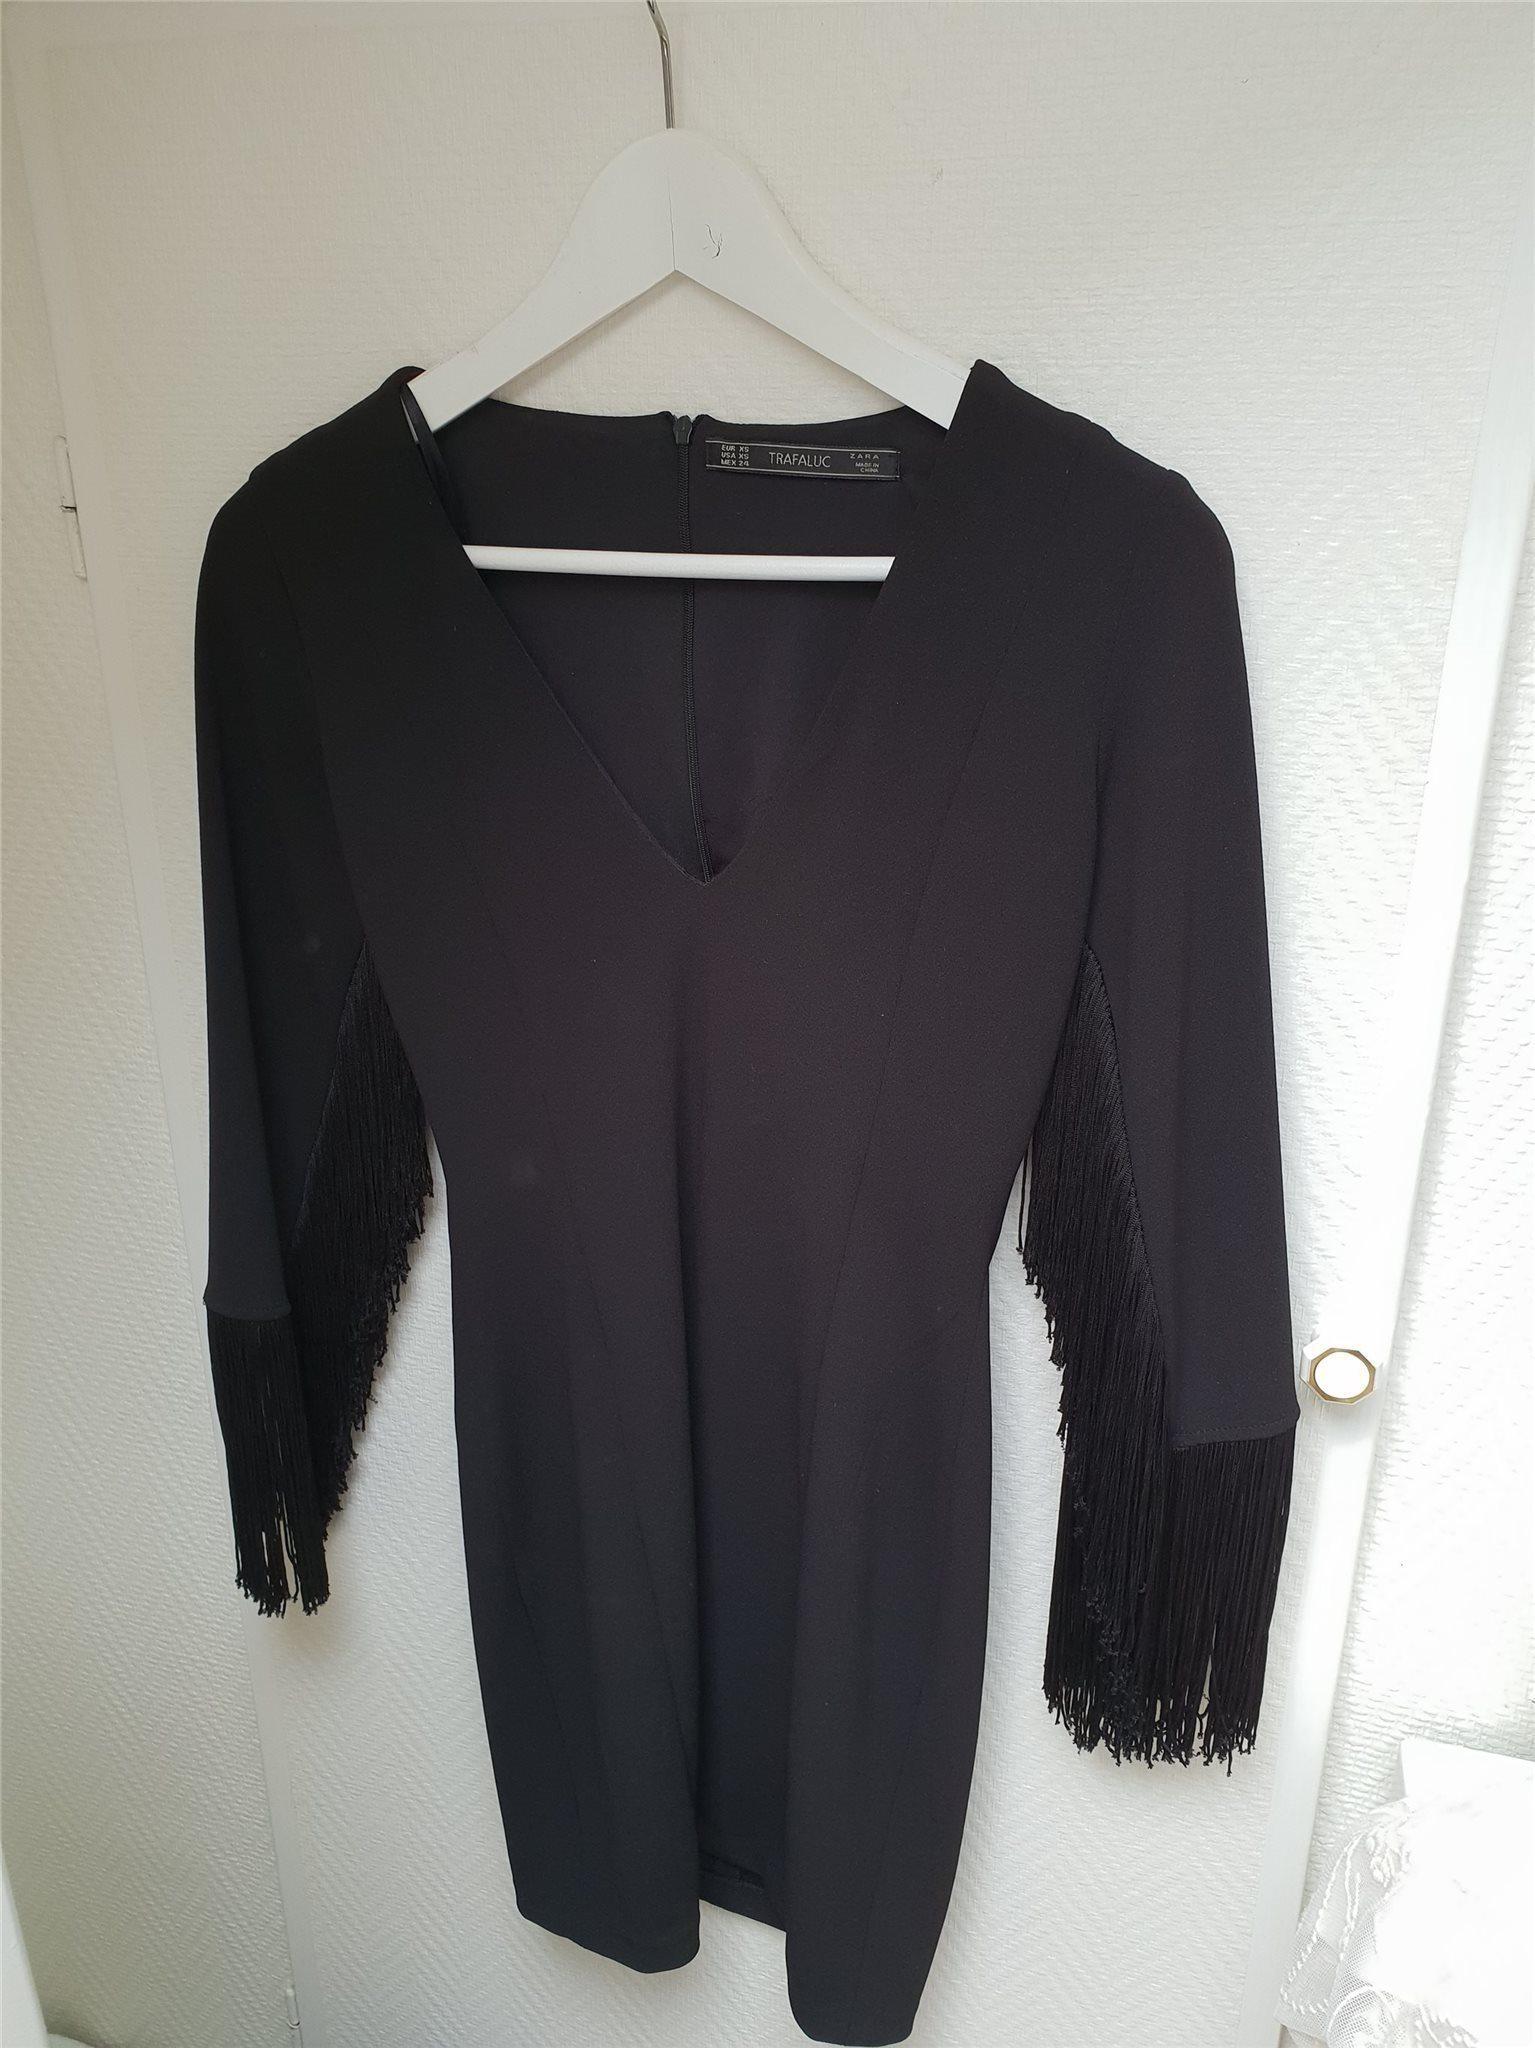 95e5a6c9f3d5 NYSKICK! Super snygg svart klänning med fransar.. (341746082) ᐈ Köp ...